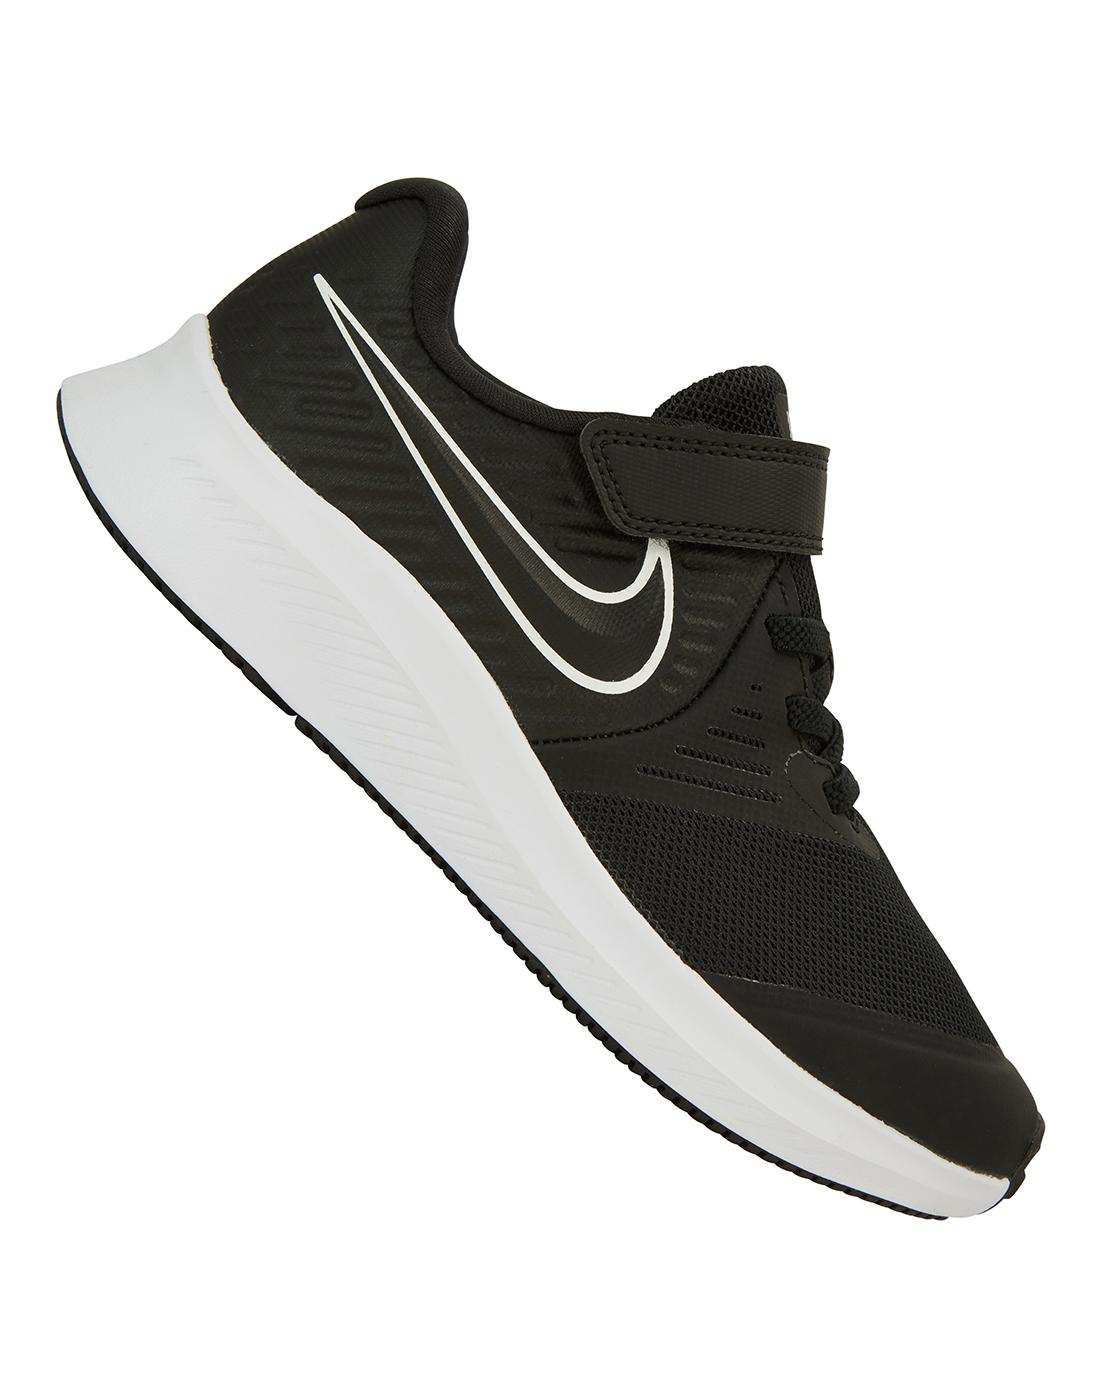 Nike Younger Kids Star Runner - Black